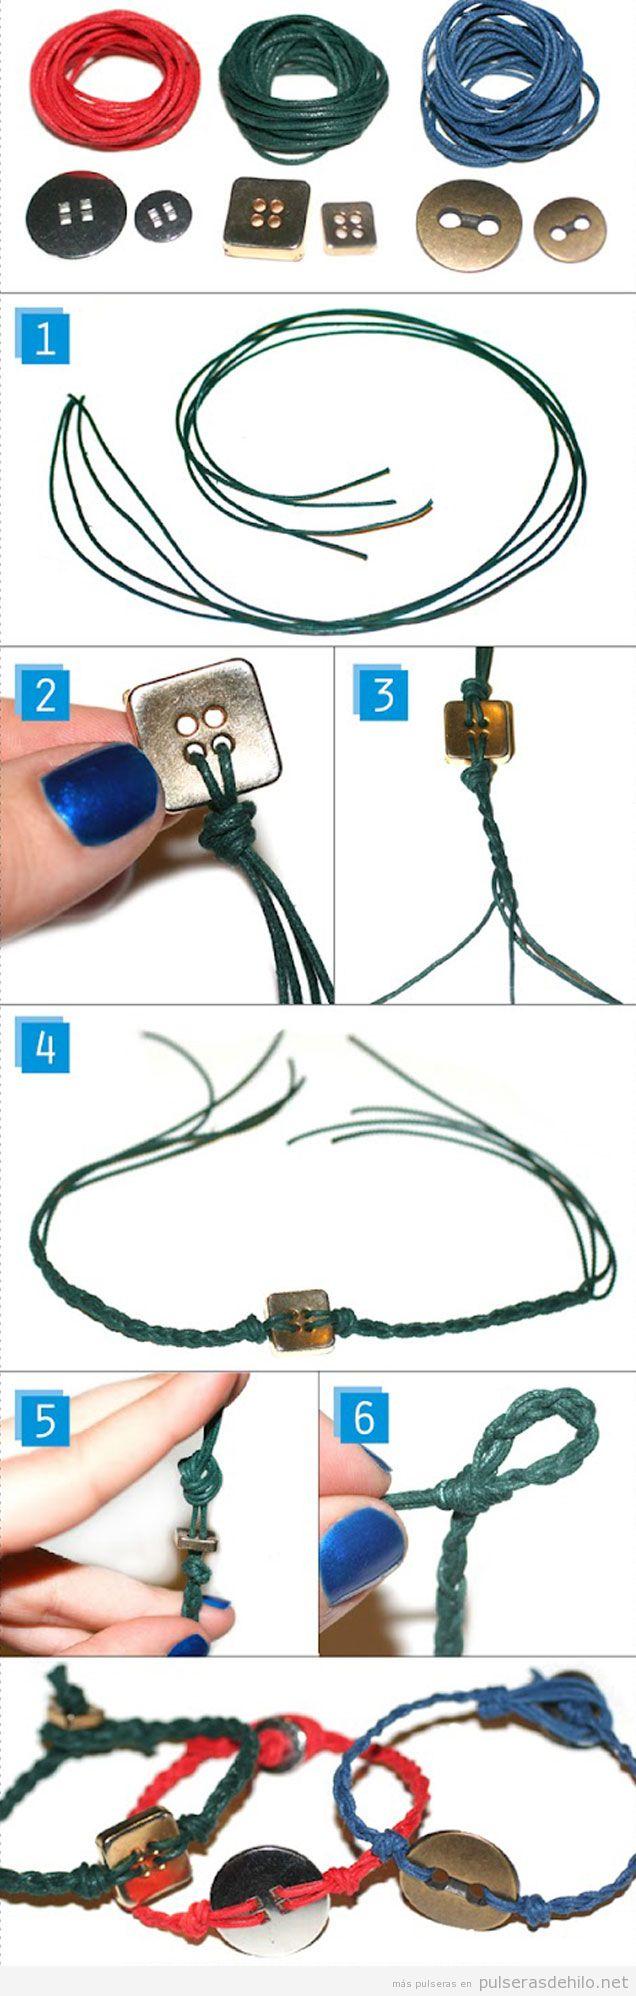 Pulsera de cuerdas y botones, tutorial paso a paso